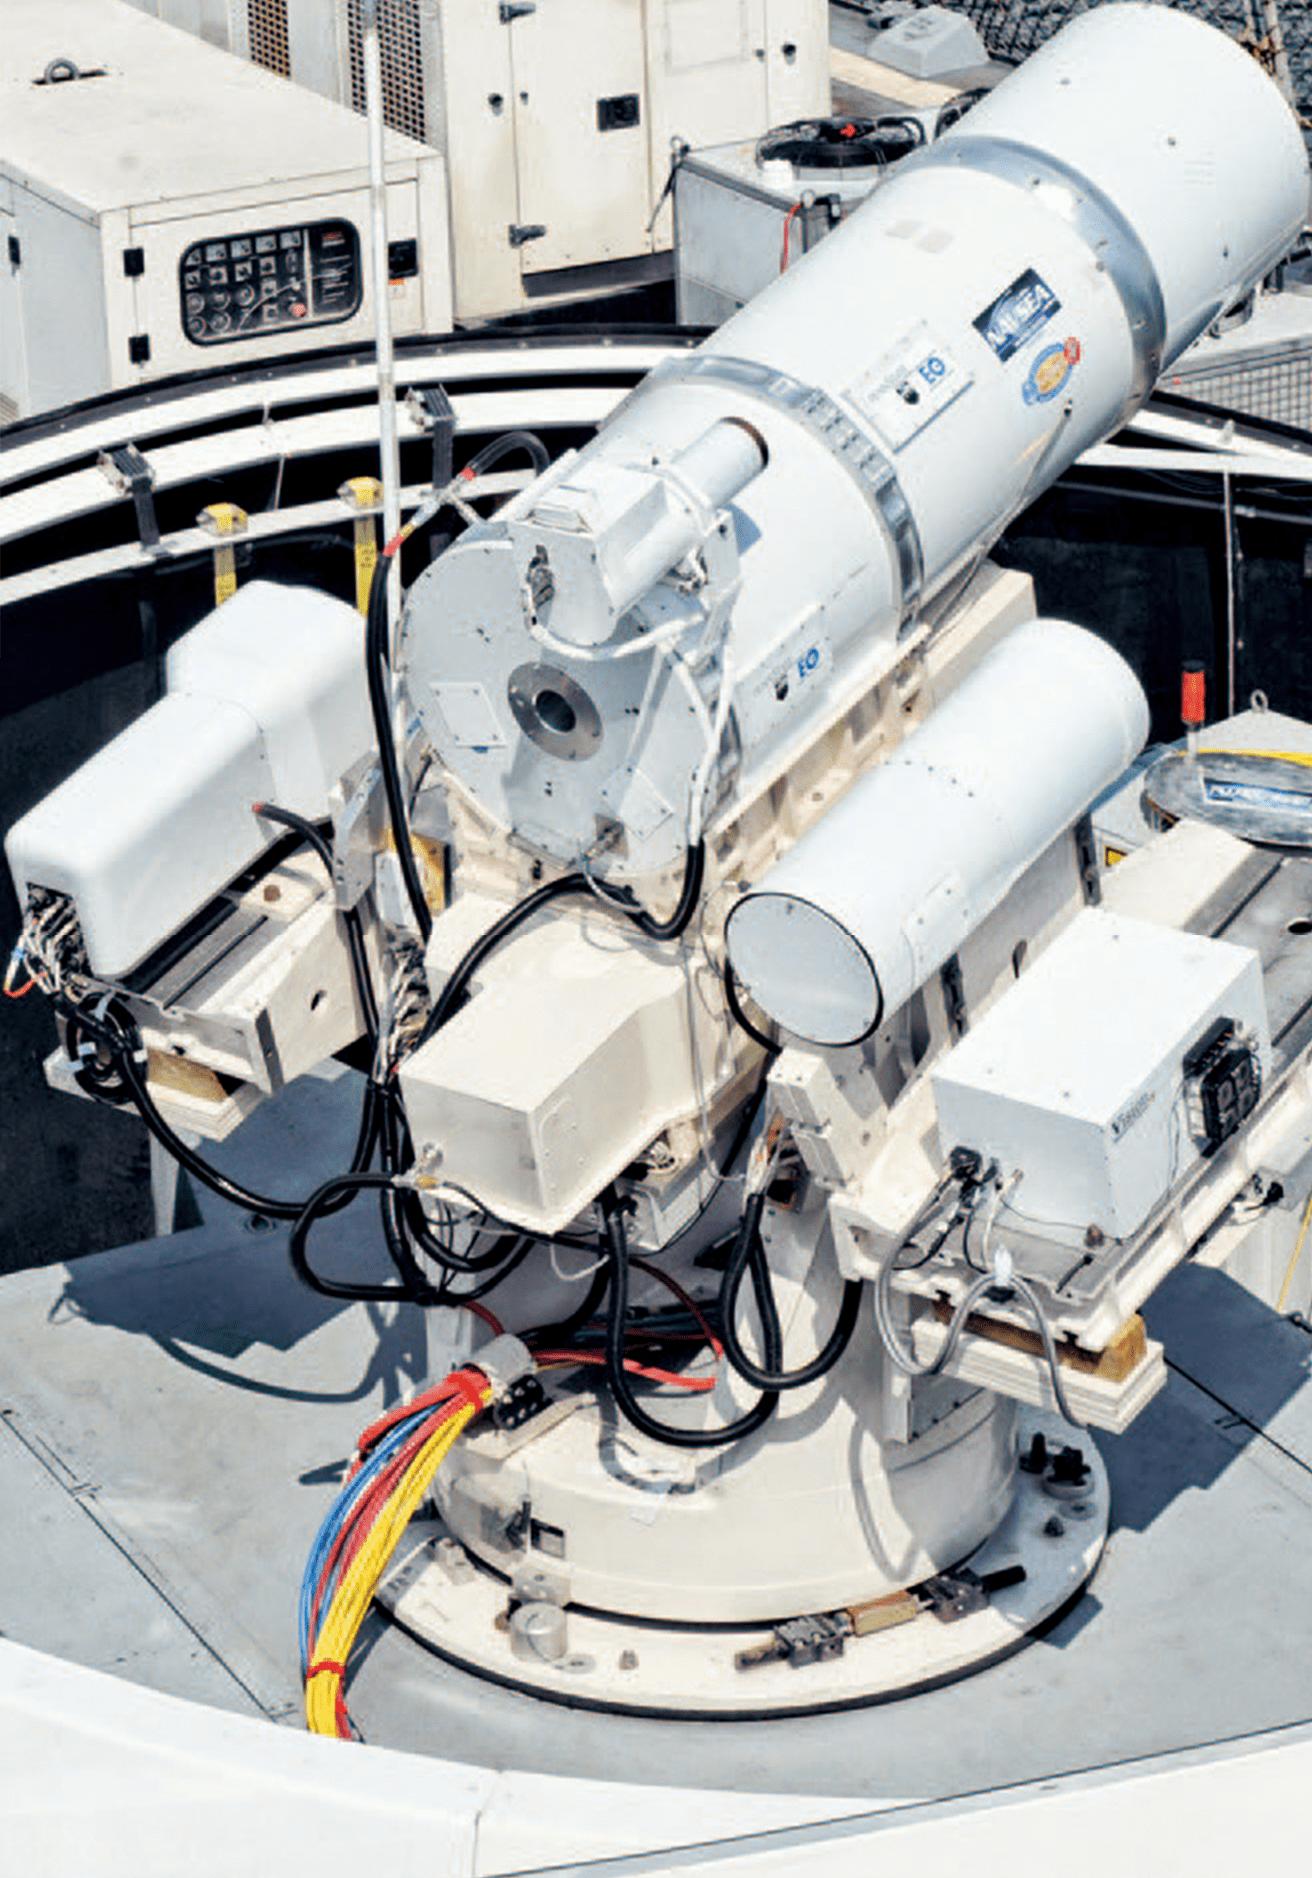 今年美國海軍龐賽號即將安裝類似這套測試產品的雷射武器系統。